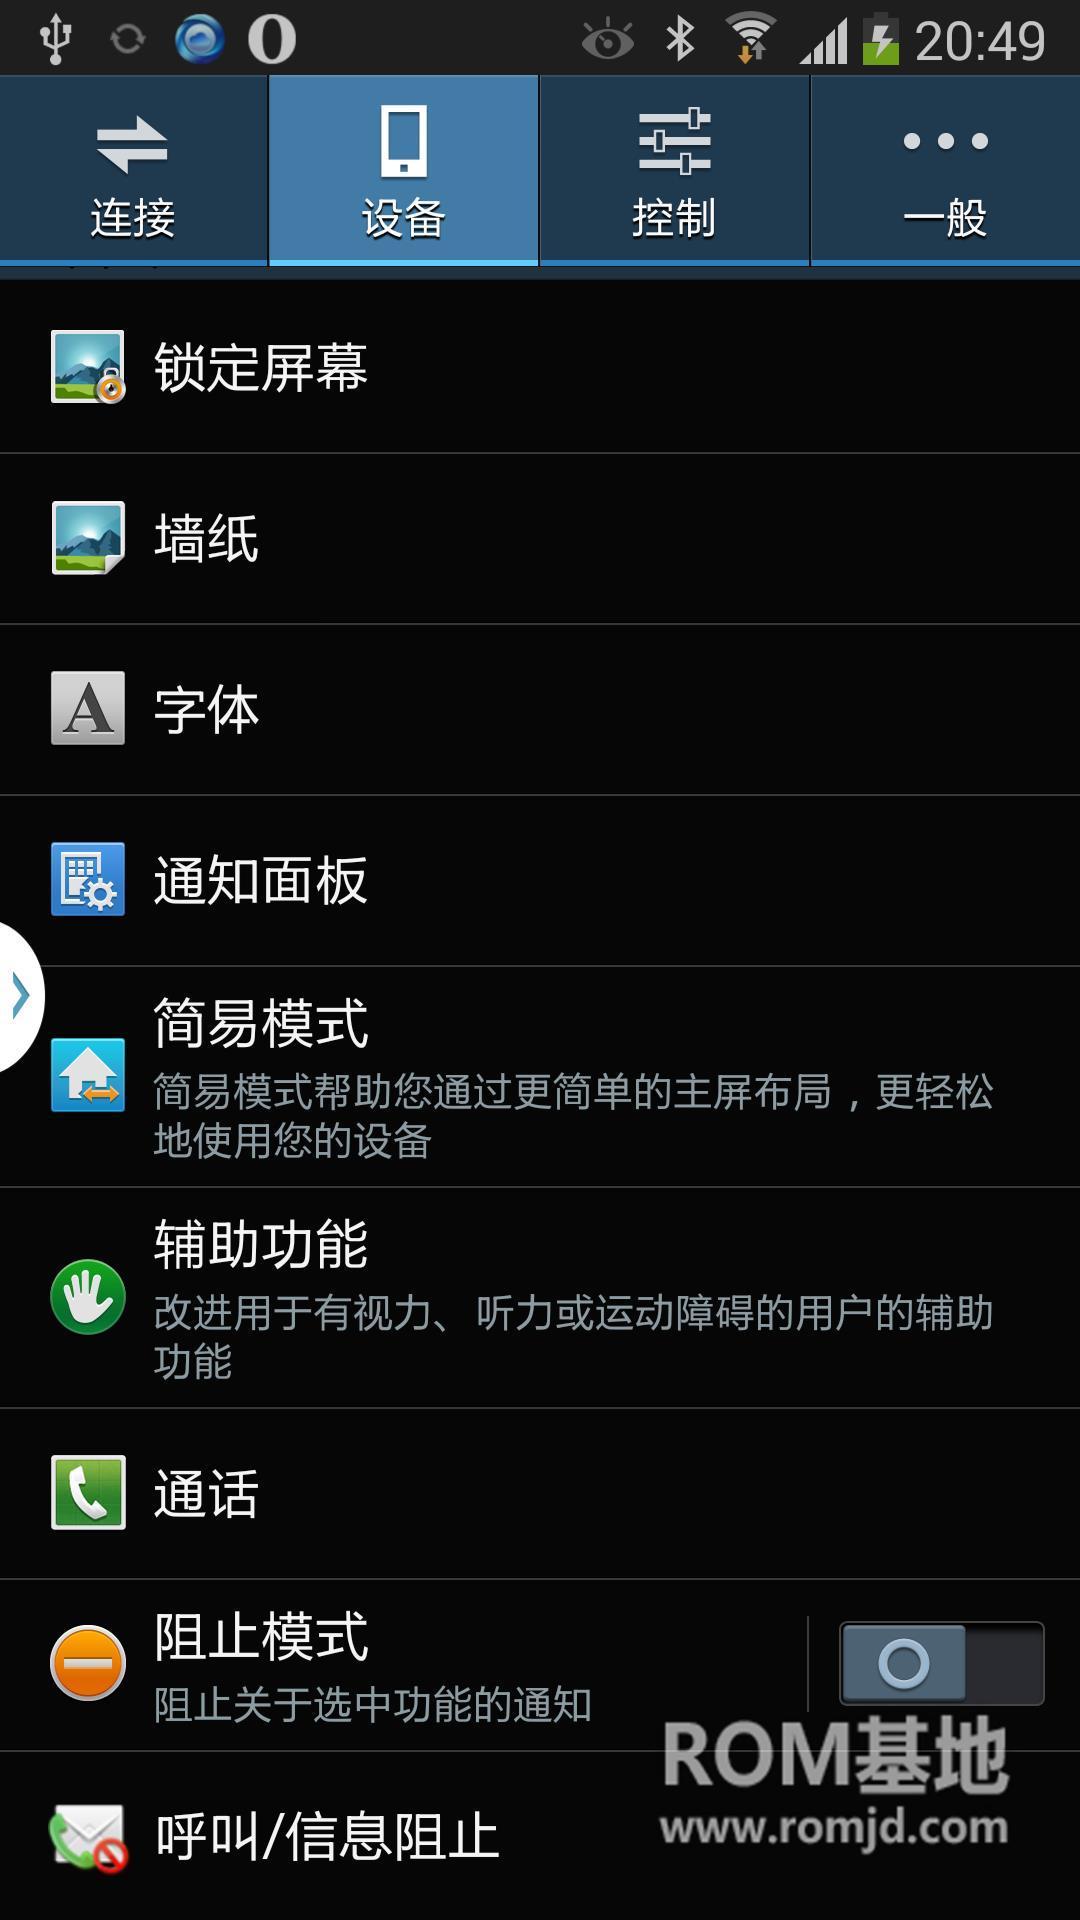 三星 N9006(Note3)刷机包 基于官方稳定精简ROM刷机包下载